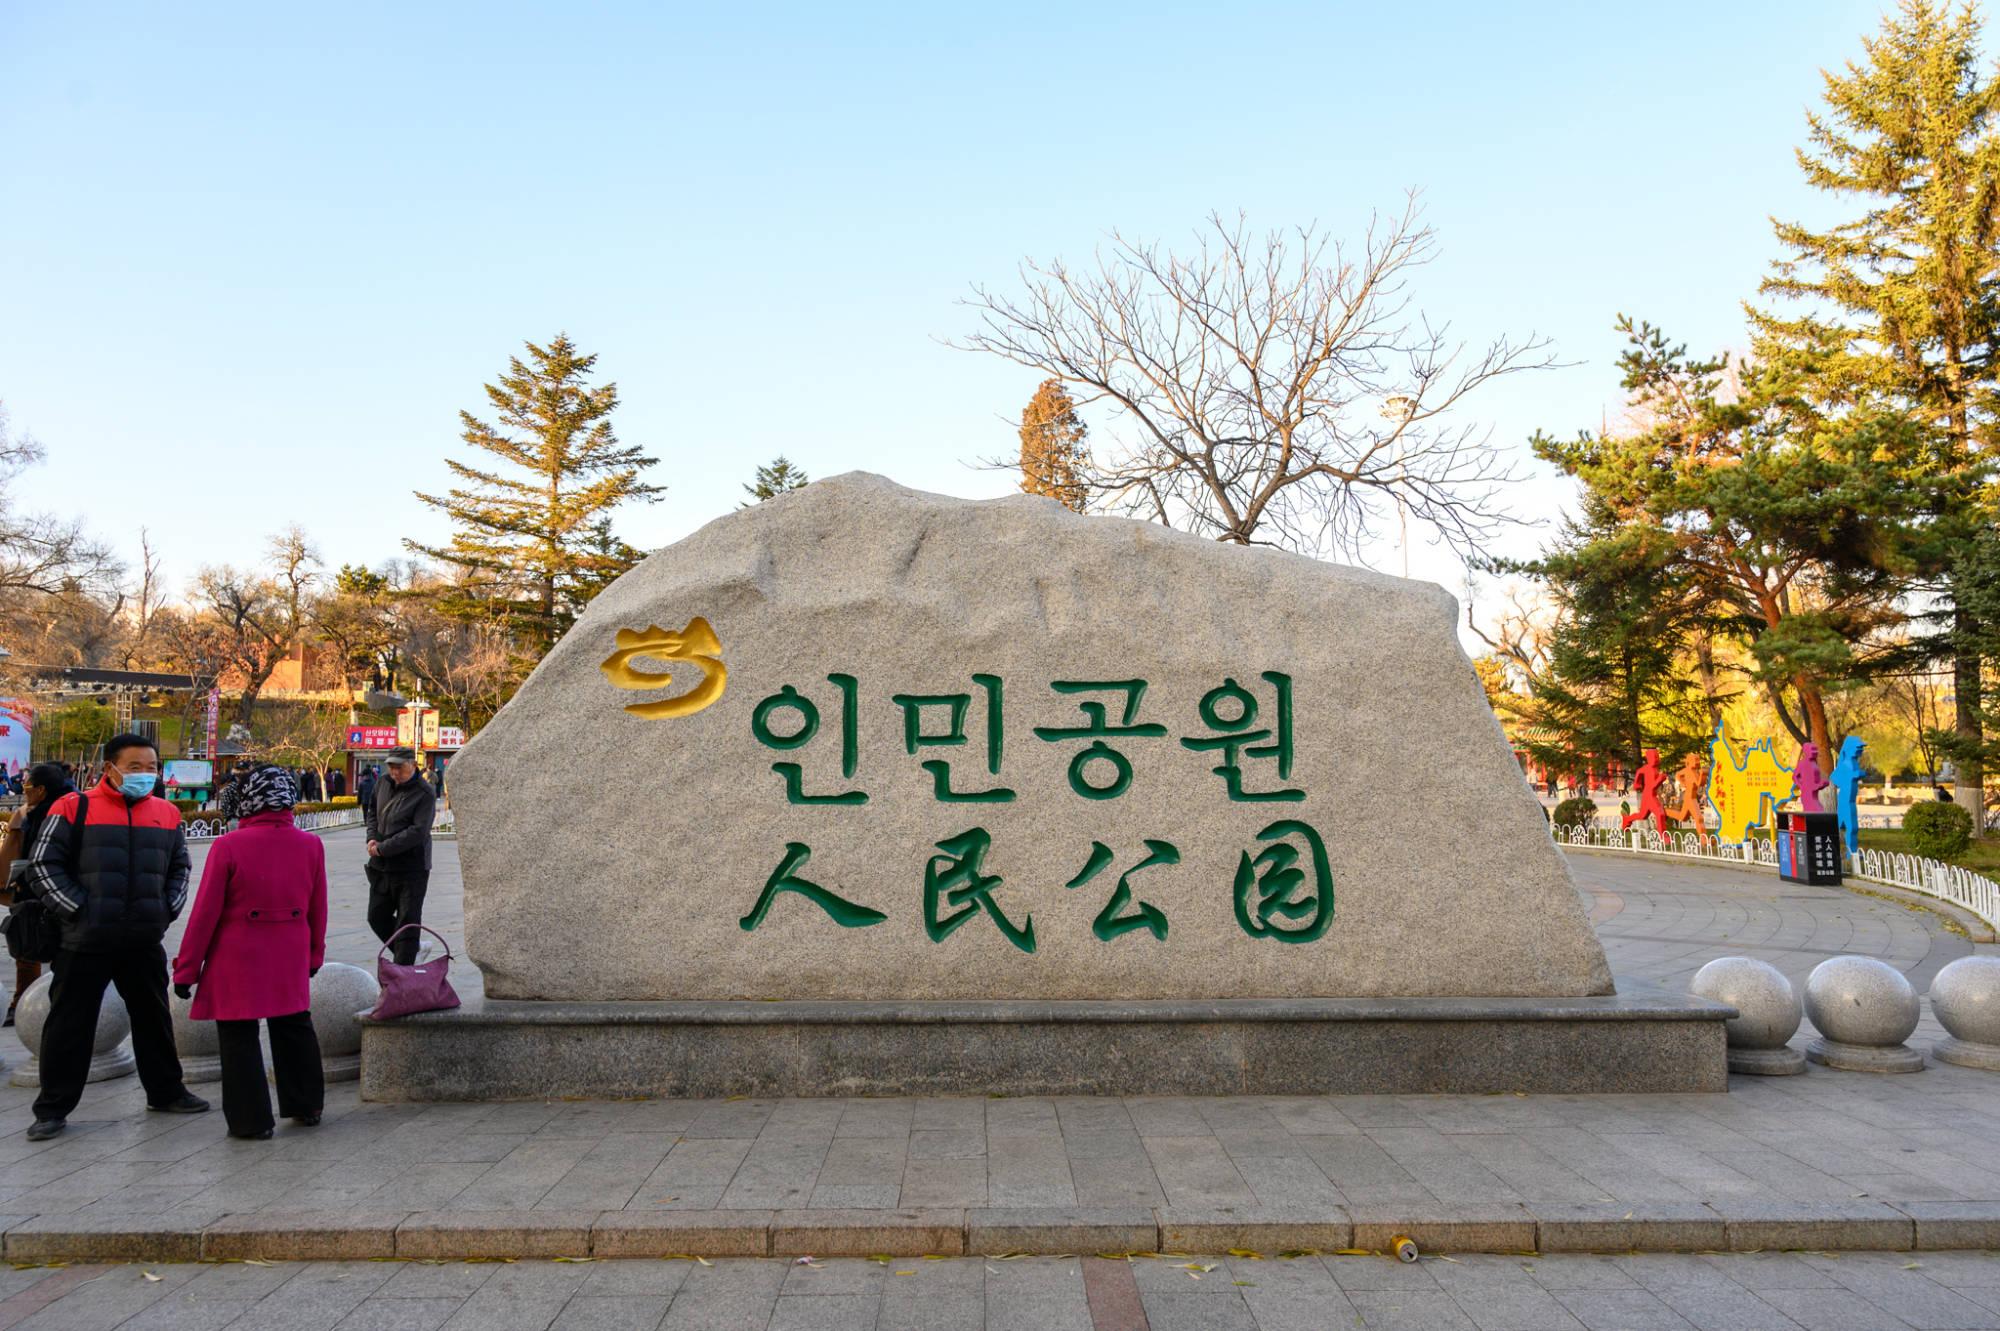 原创             吉林延吉有一座百年公园,是当地最受欢迎的公园,门票免费